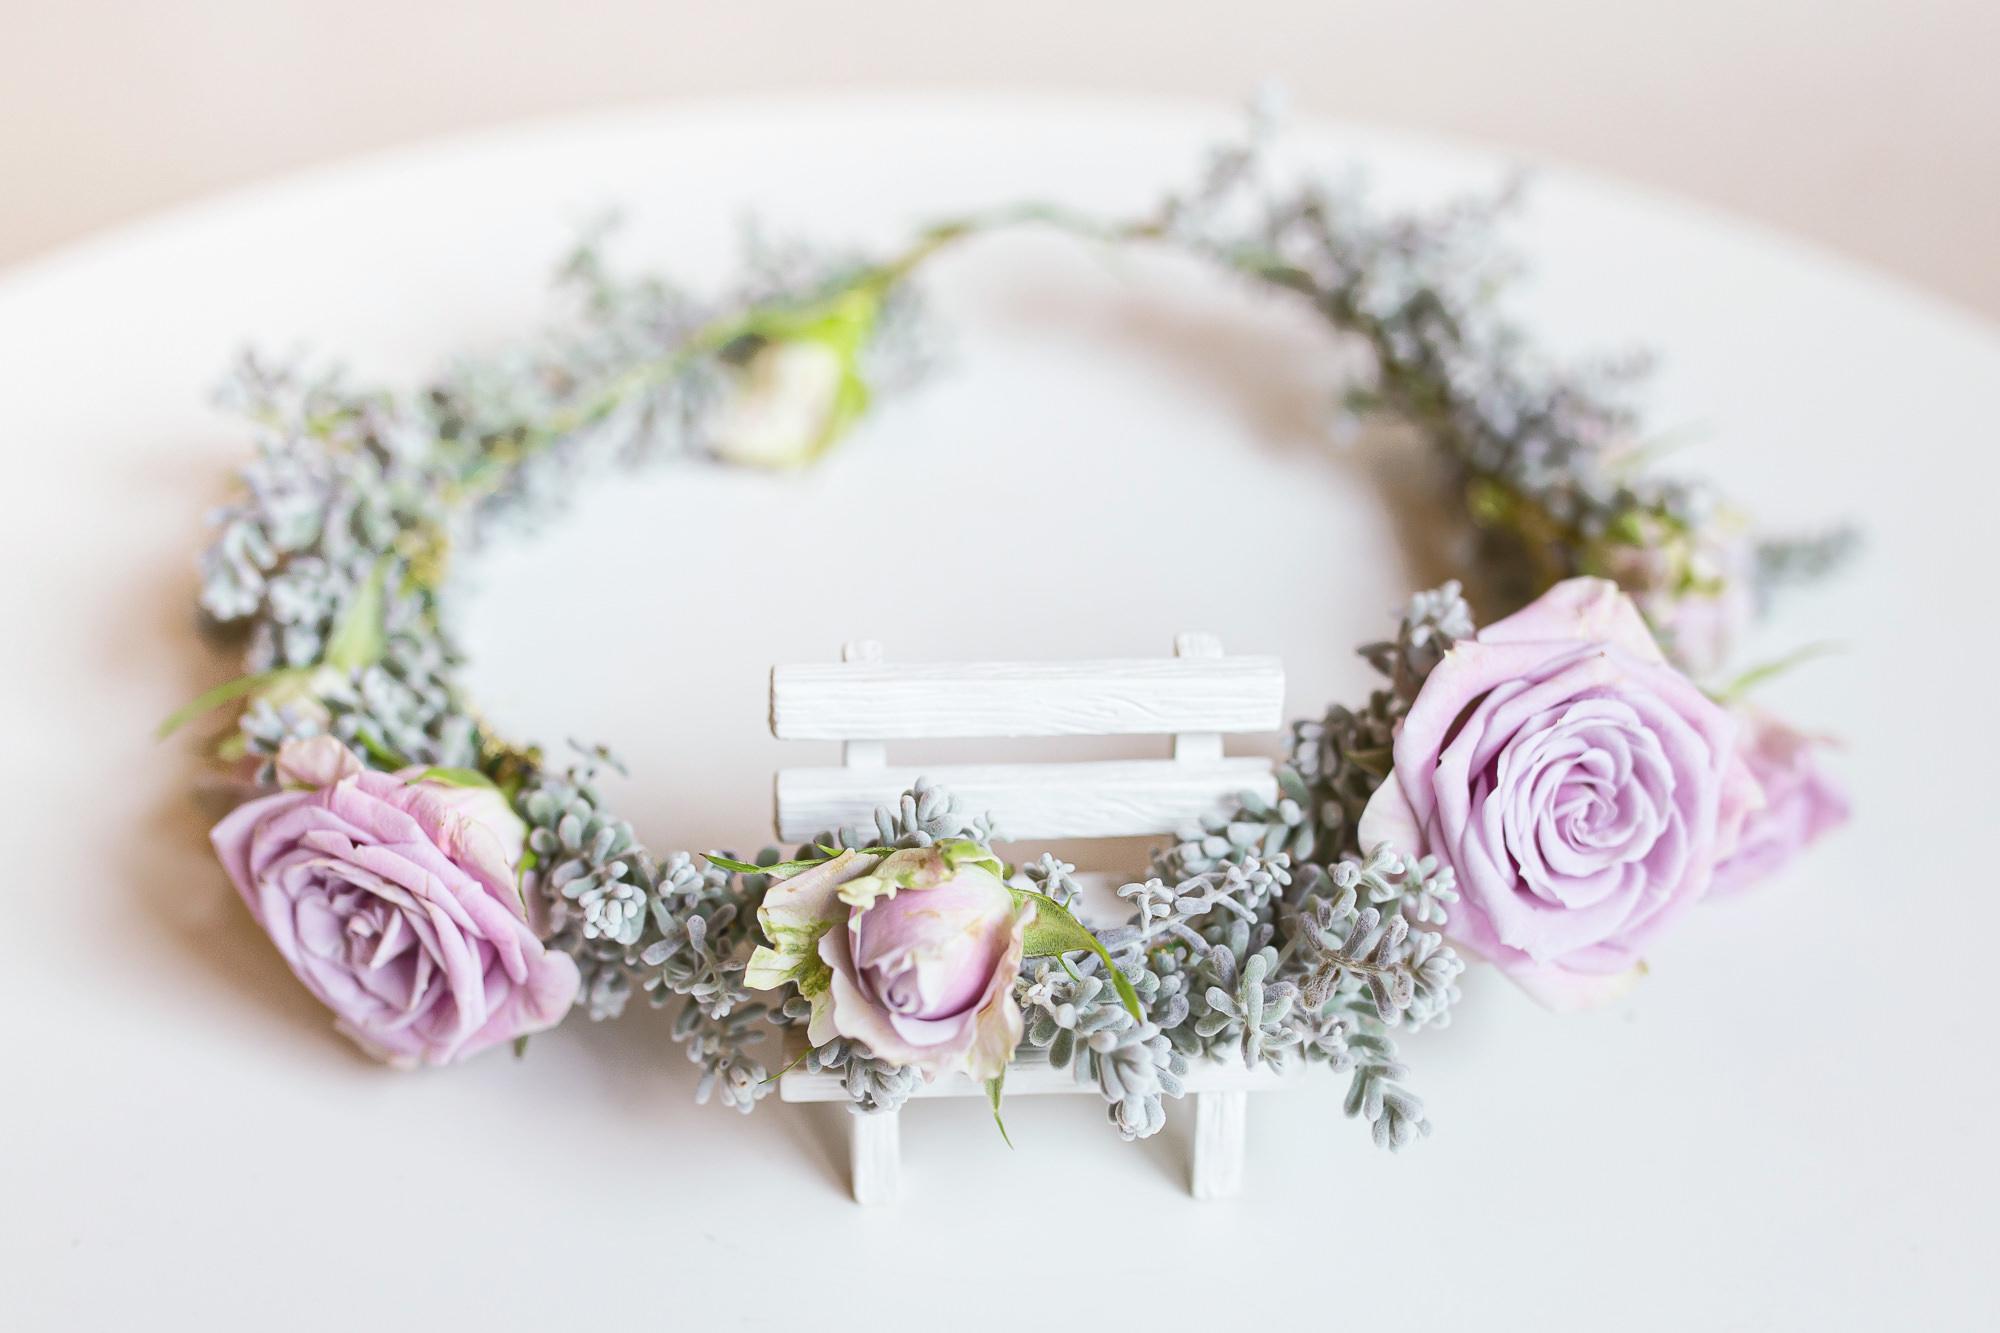 鮮花花環|浪漫的紫色玫瑰花環